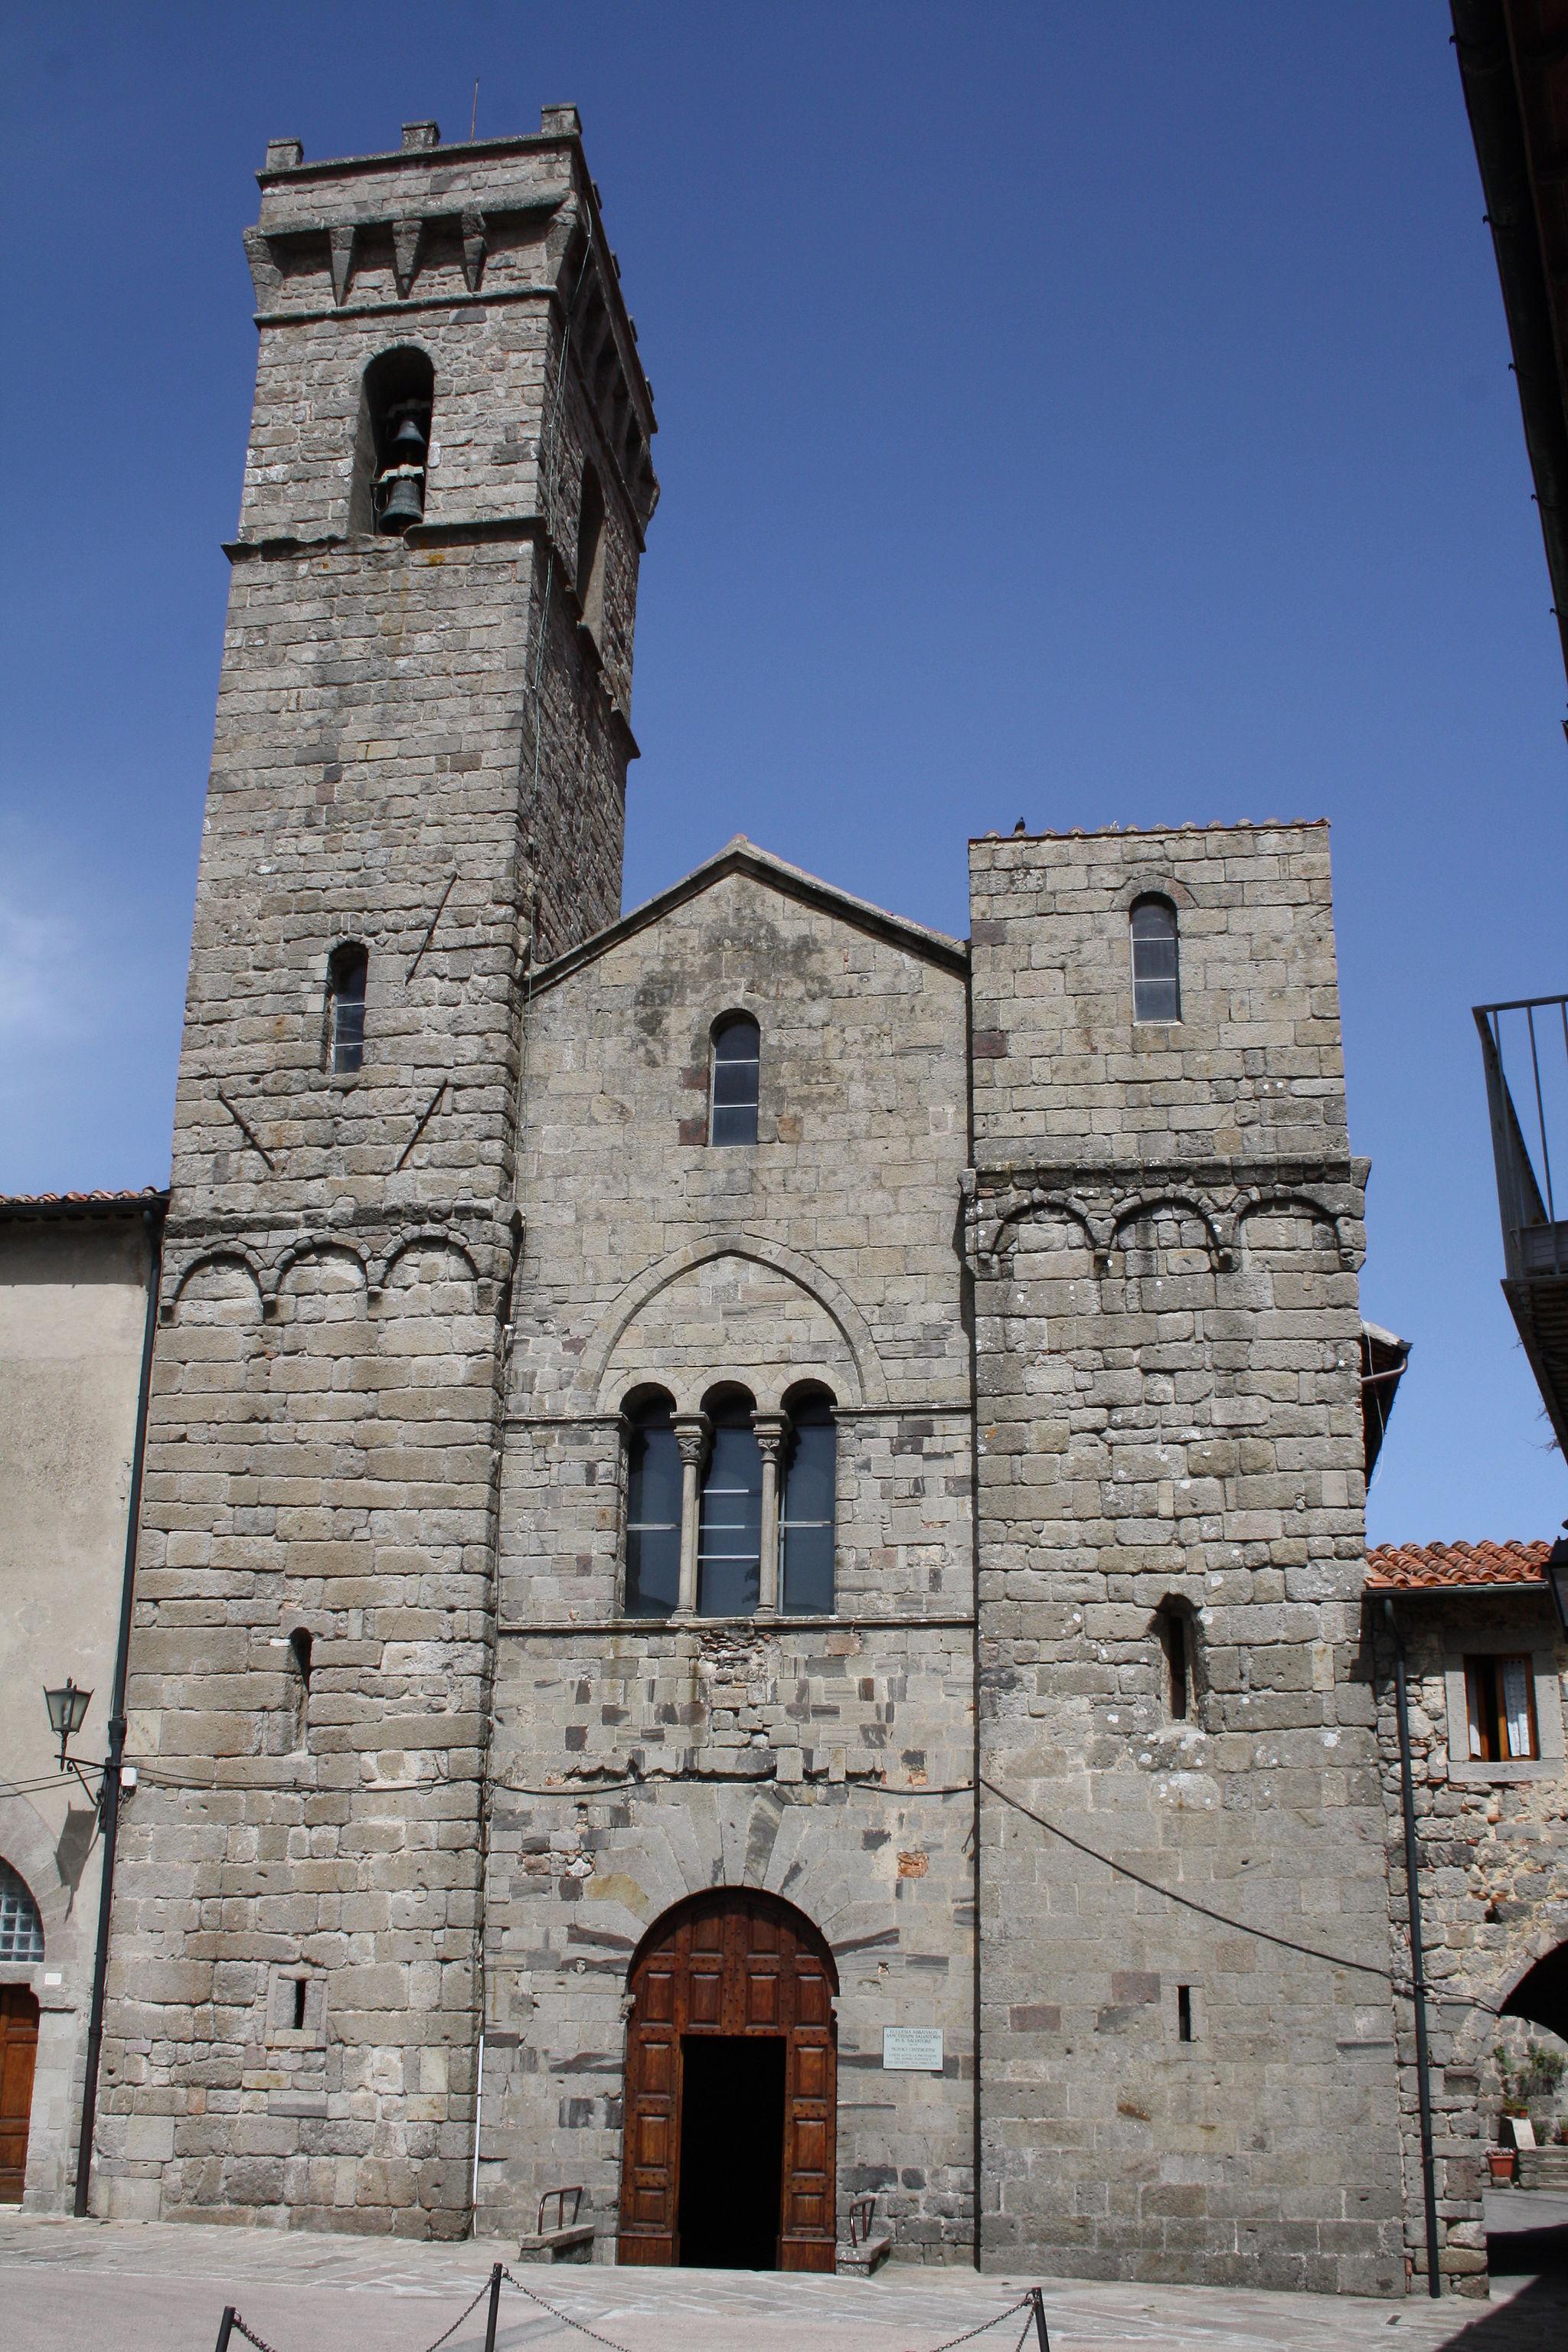 Abbazia San Salvatore di Monte Amiata